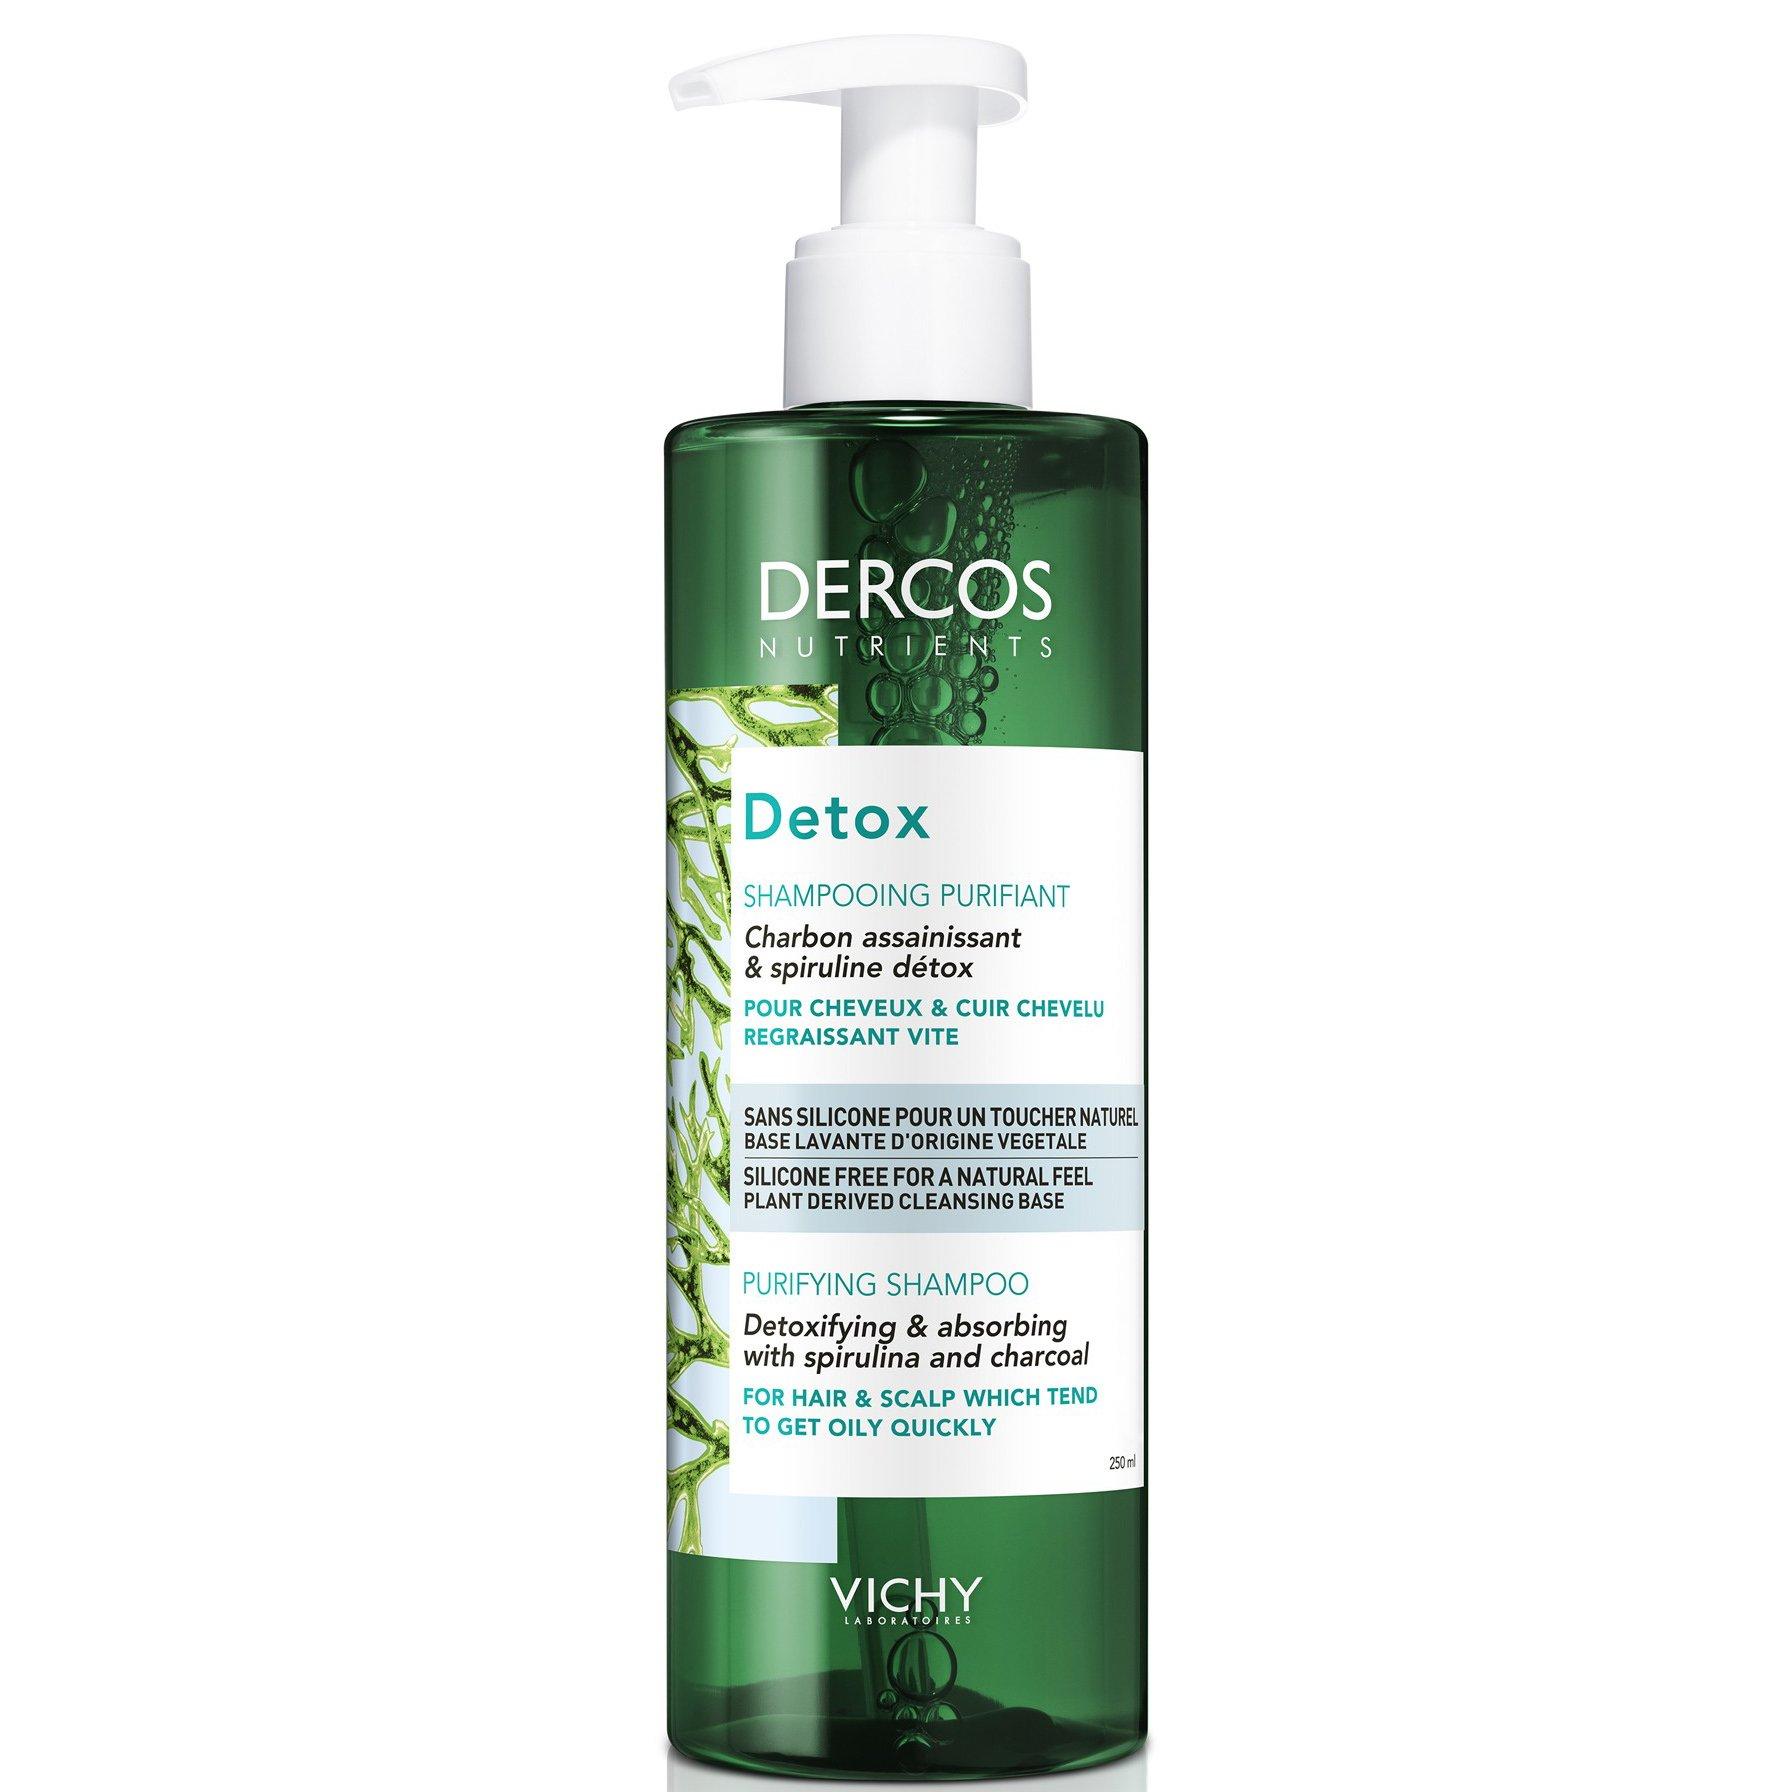 Vichy Dercos Nutrients Dedox Shampooing Purifiant Εξισορροπητικό Σαμπουάν Αποτοξίνωσης για Λιπαρά Μαλλιά & Τριχωτό 250ml